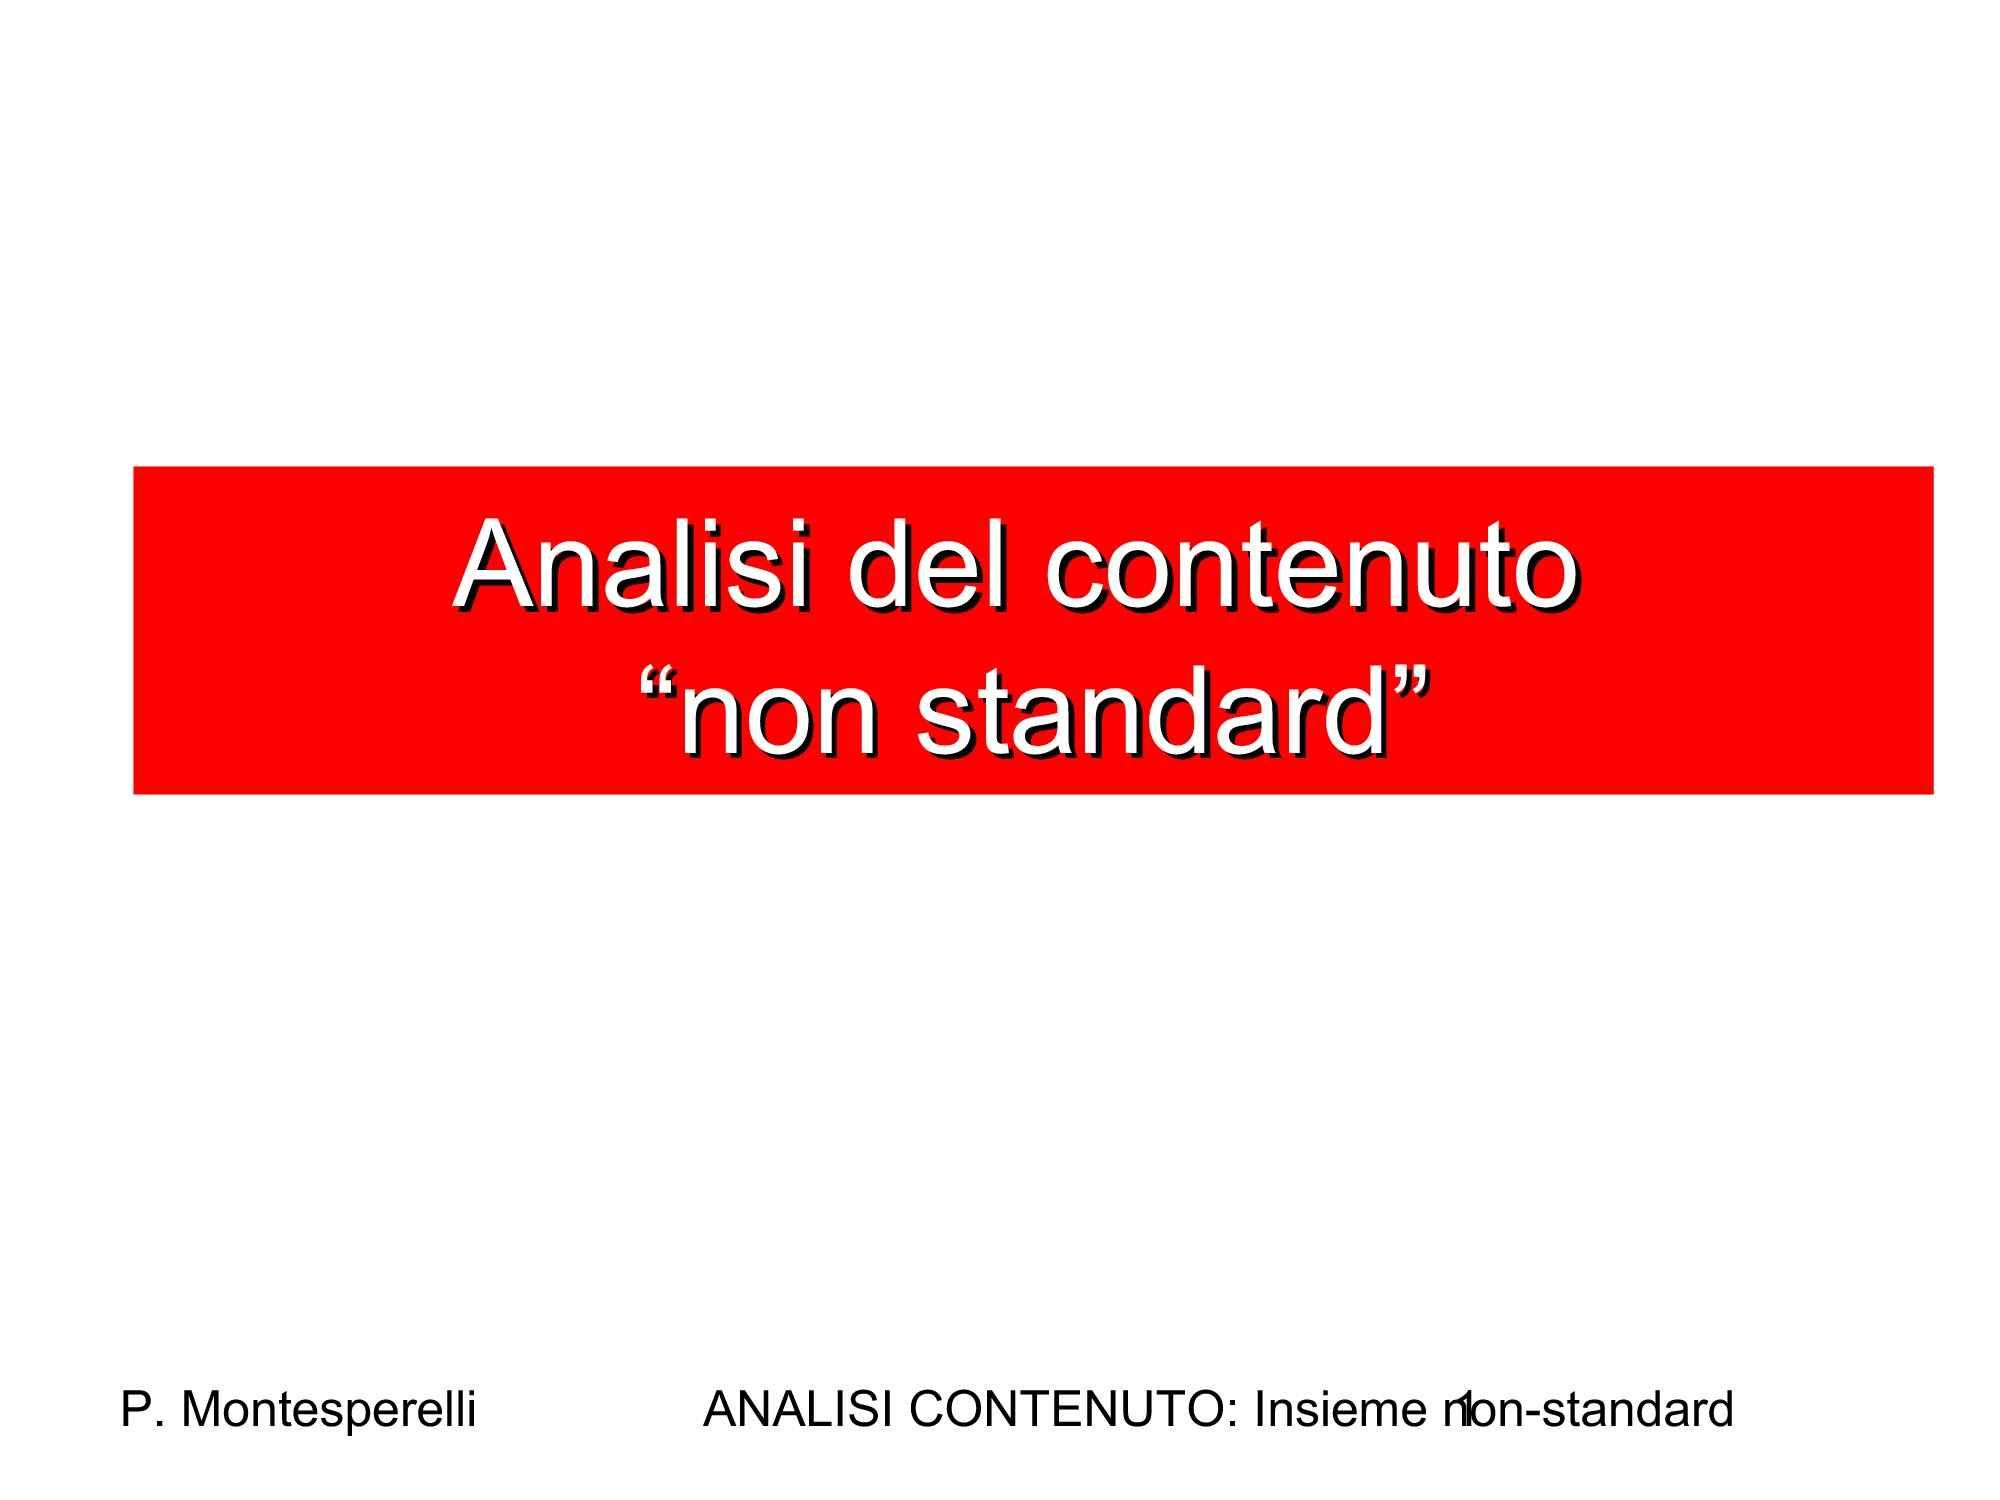 Contenuto non standard - Analisi